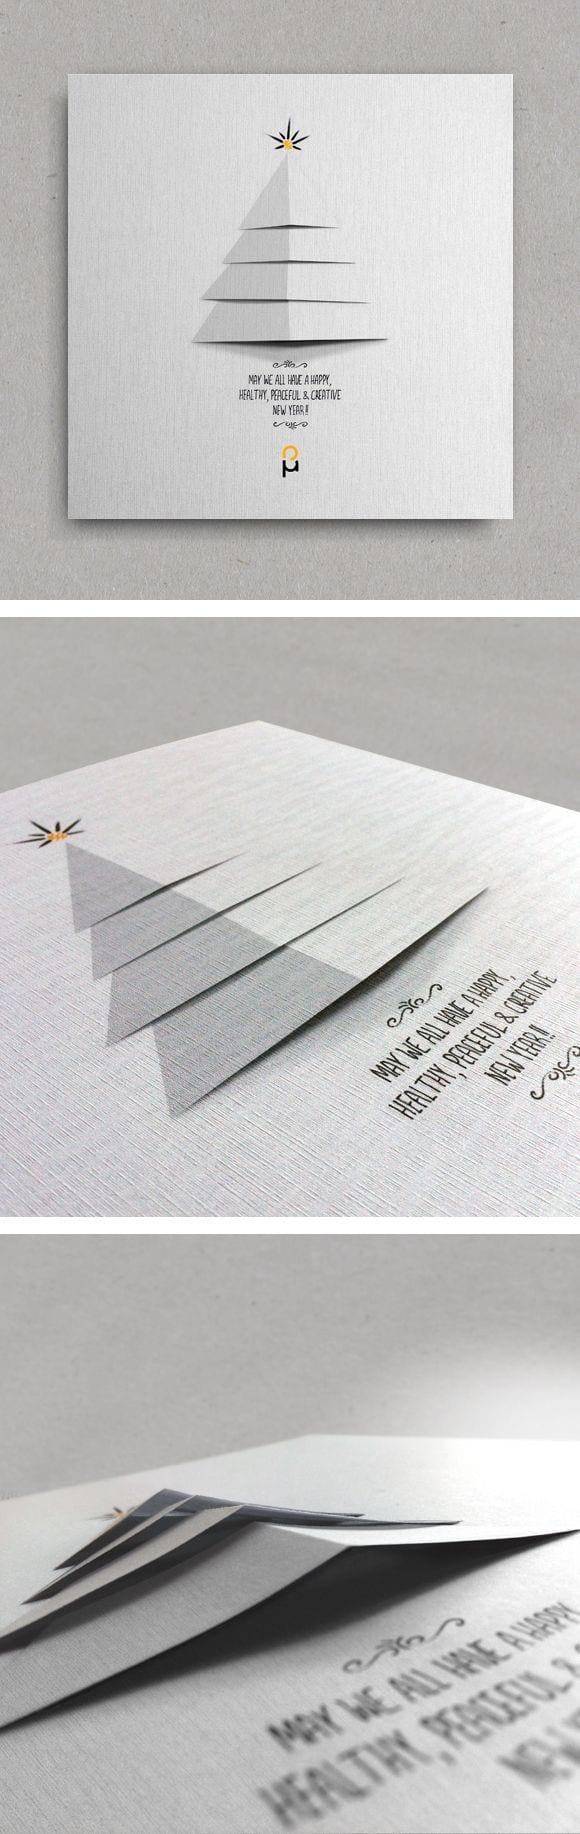 Avez vous pensé aux cartes de voeux pour fidéliser vos clients ? 1